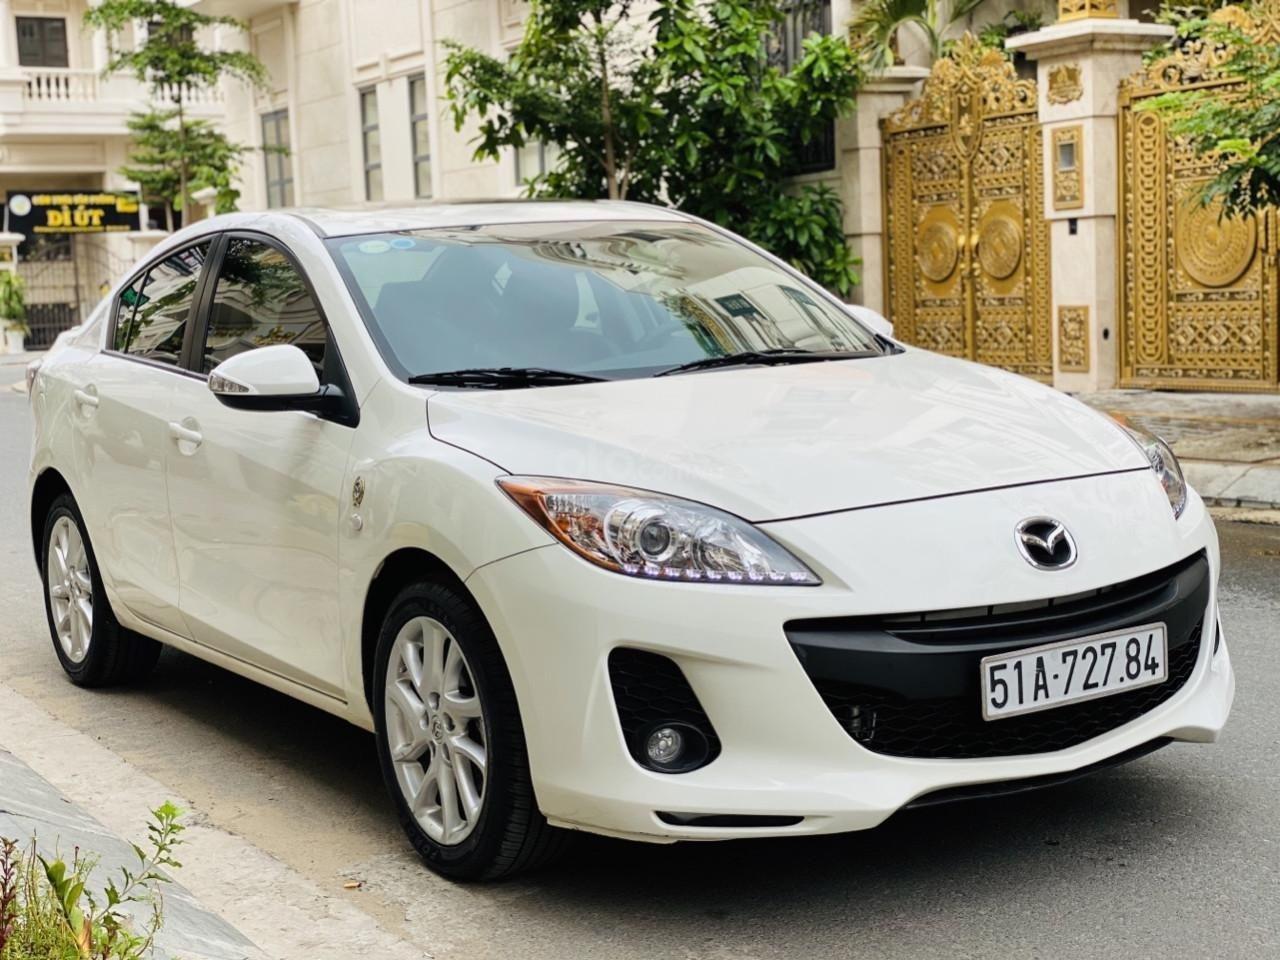 Xe Mazda 3S năm sản xuất 2013 bản đặc biệt (1)